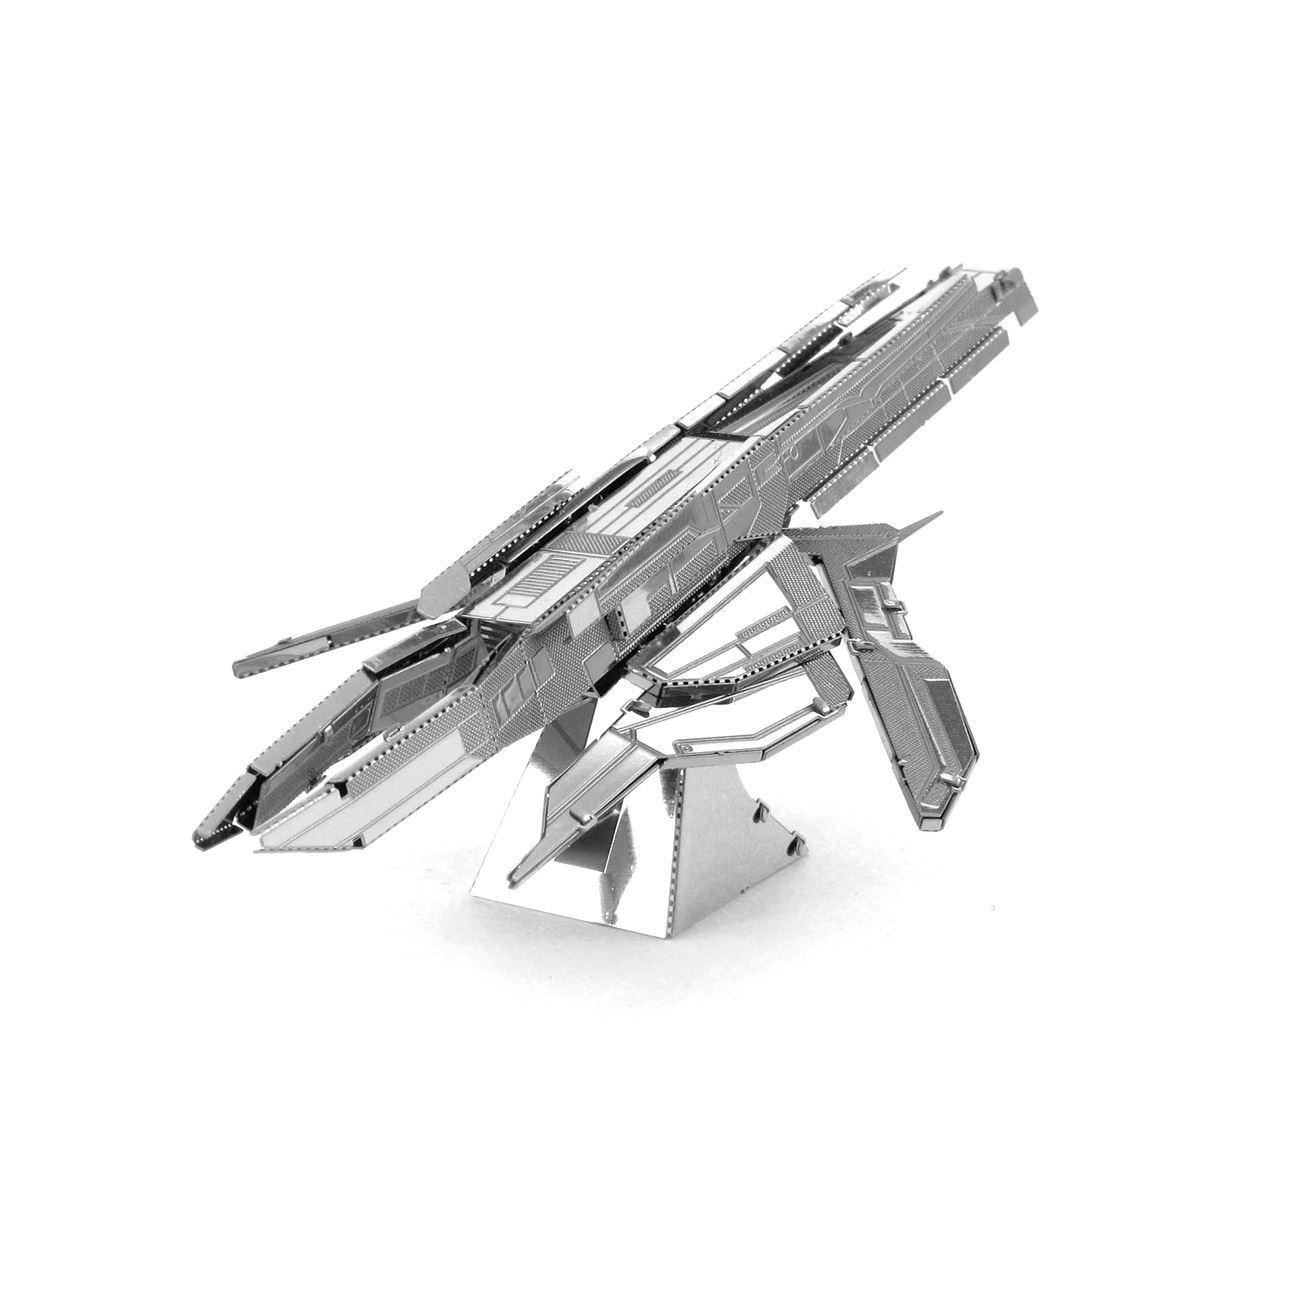 Metal Earth Diy 3d Metal Model Kits Metal Erath Mass Effect